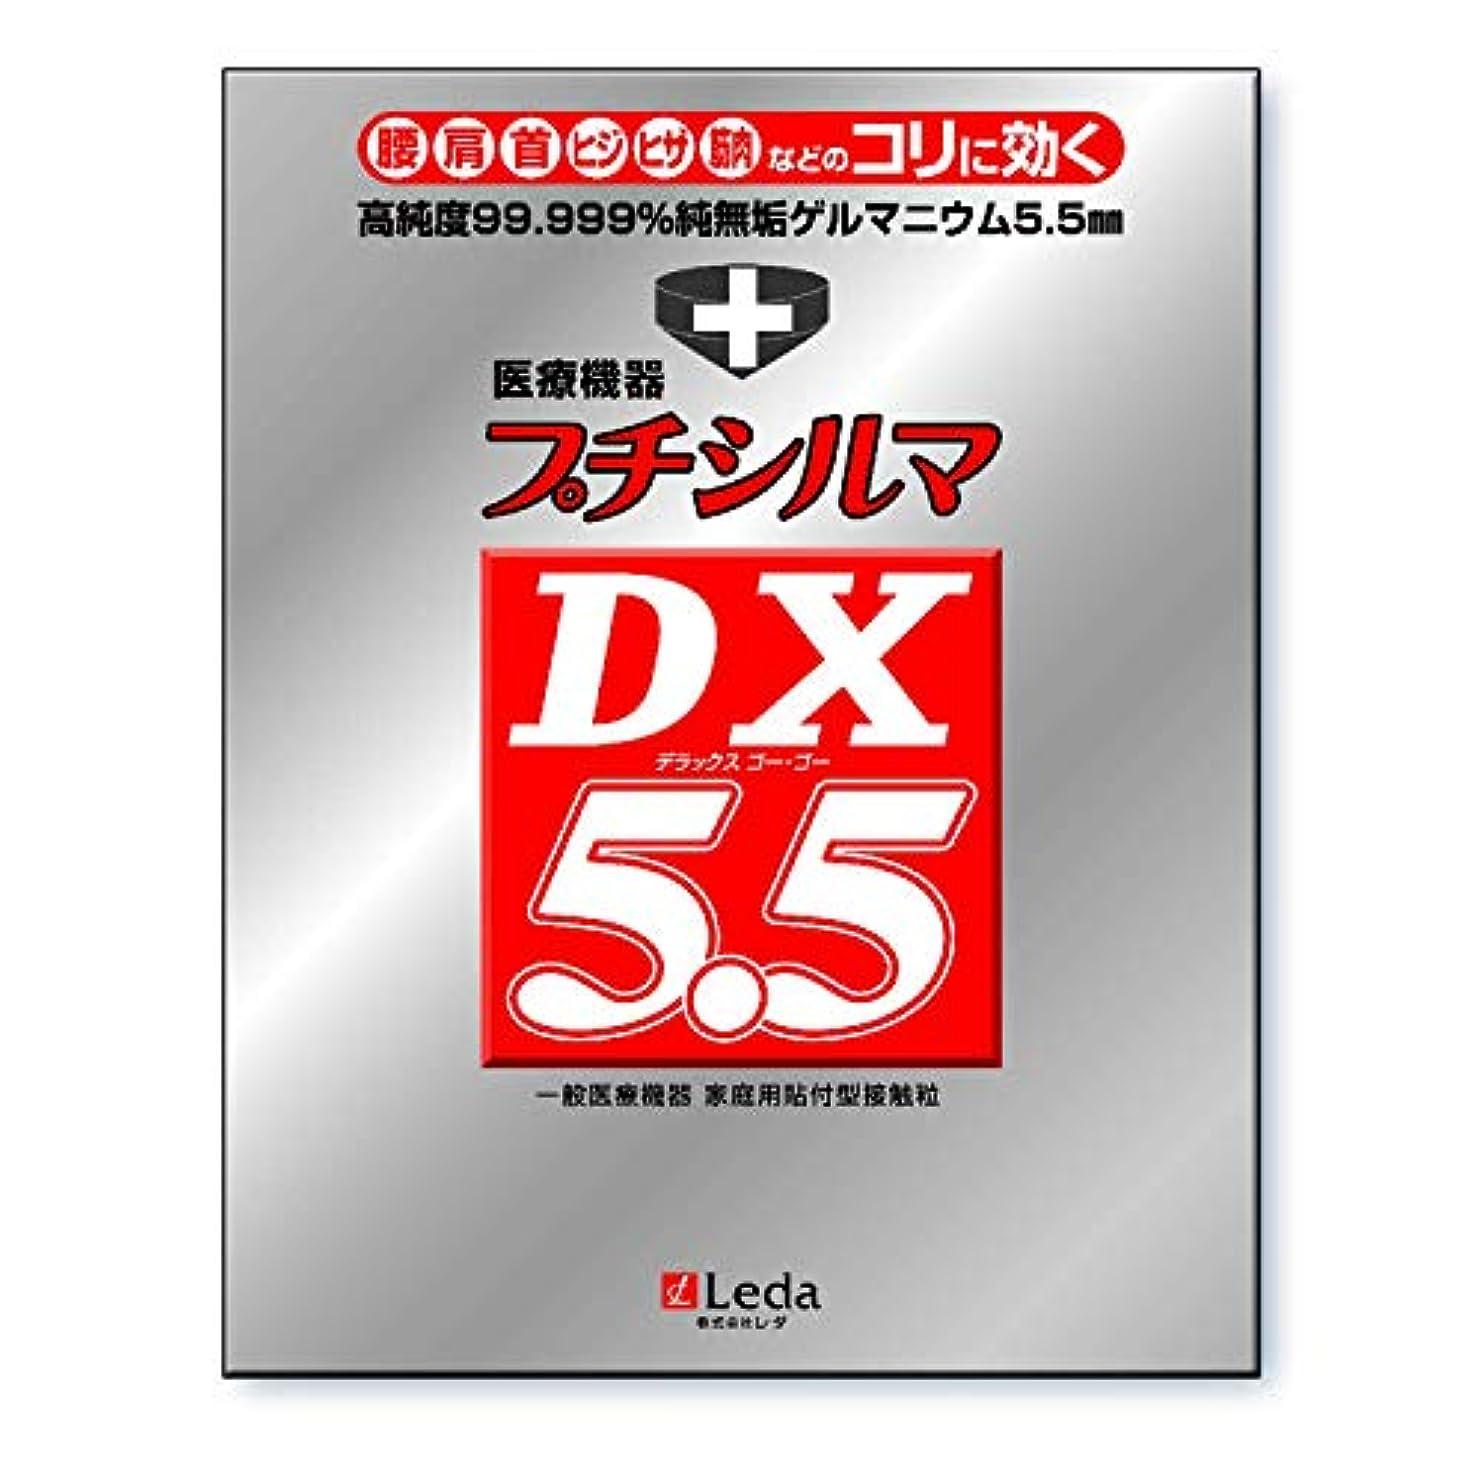 セブンサポート安心プチシルマDX 5.5 お徳用替えプラスター200枚付き